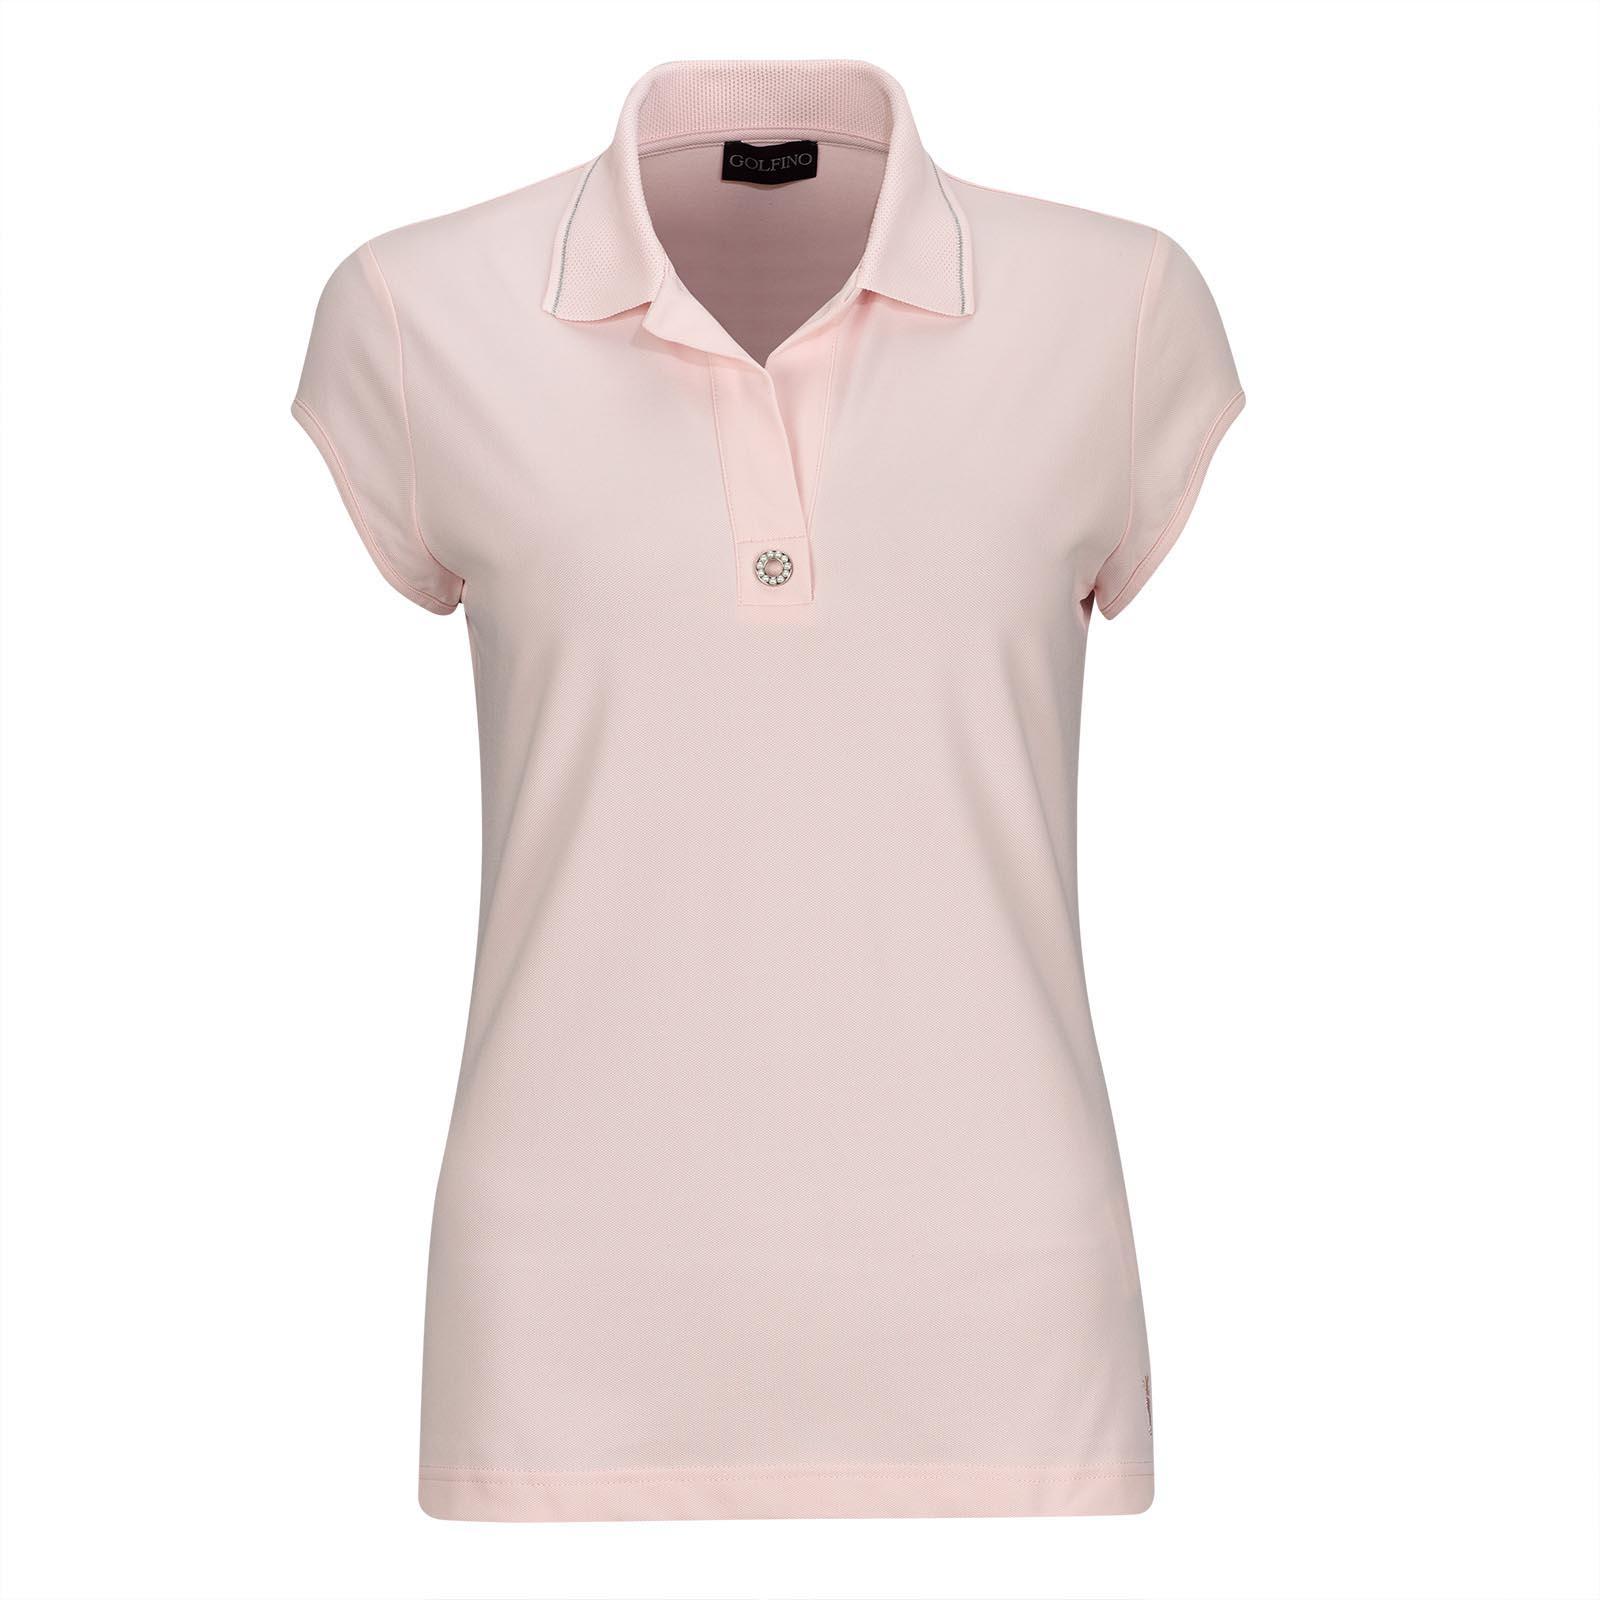 Damen Kurzarm Cotton-Blend Golfpolo mit Sun Protection und Perlenbesatz